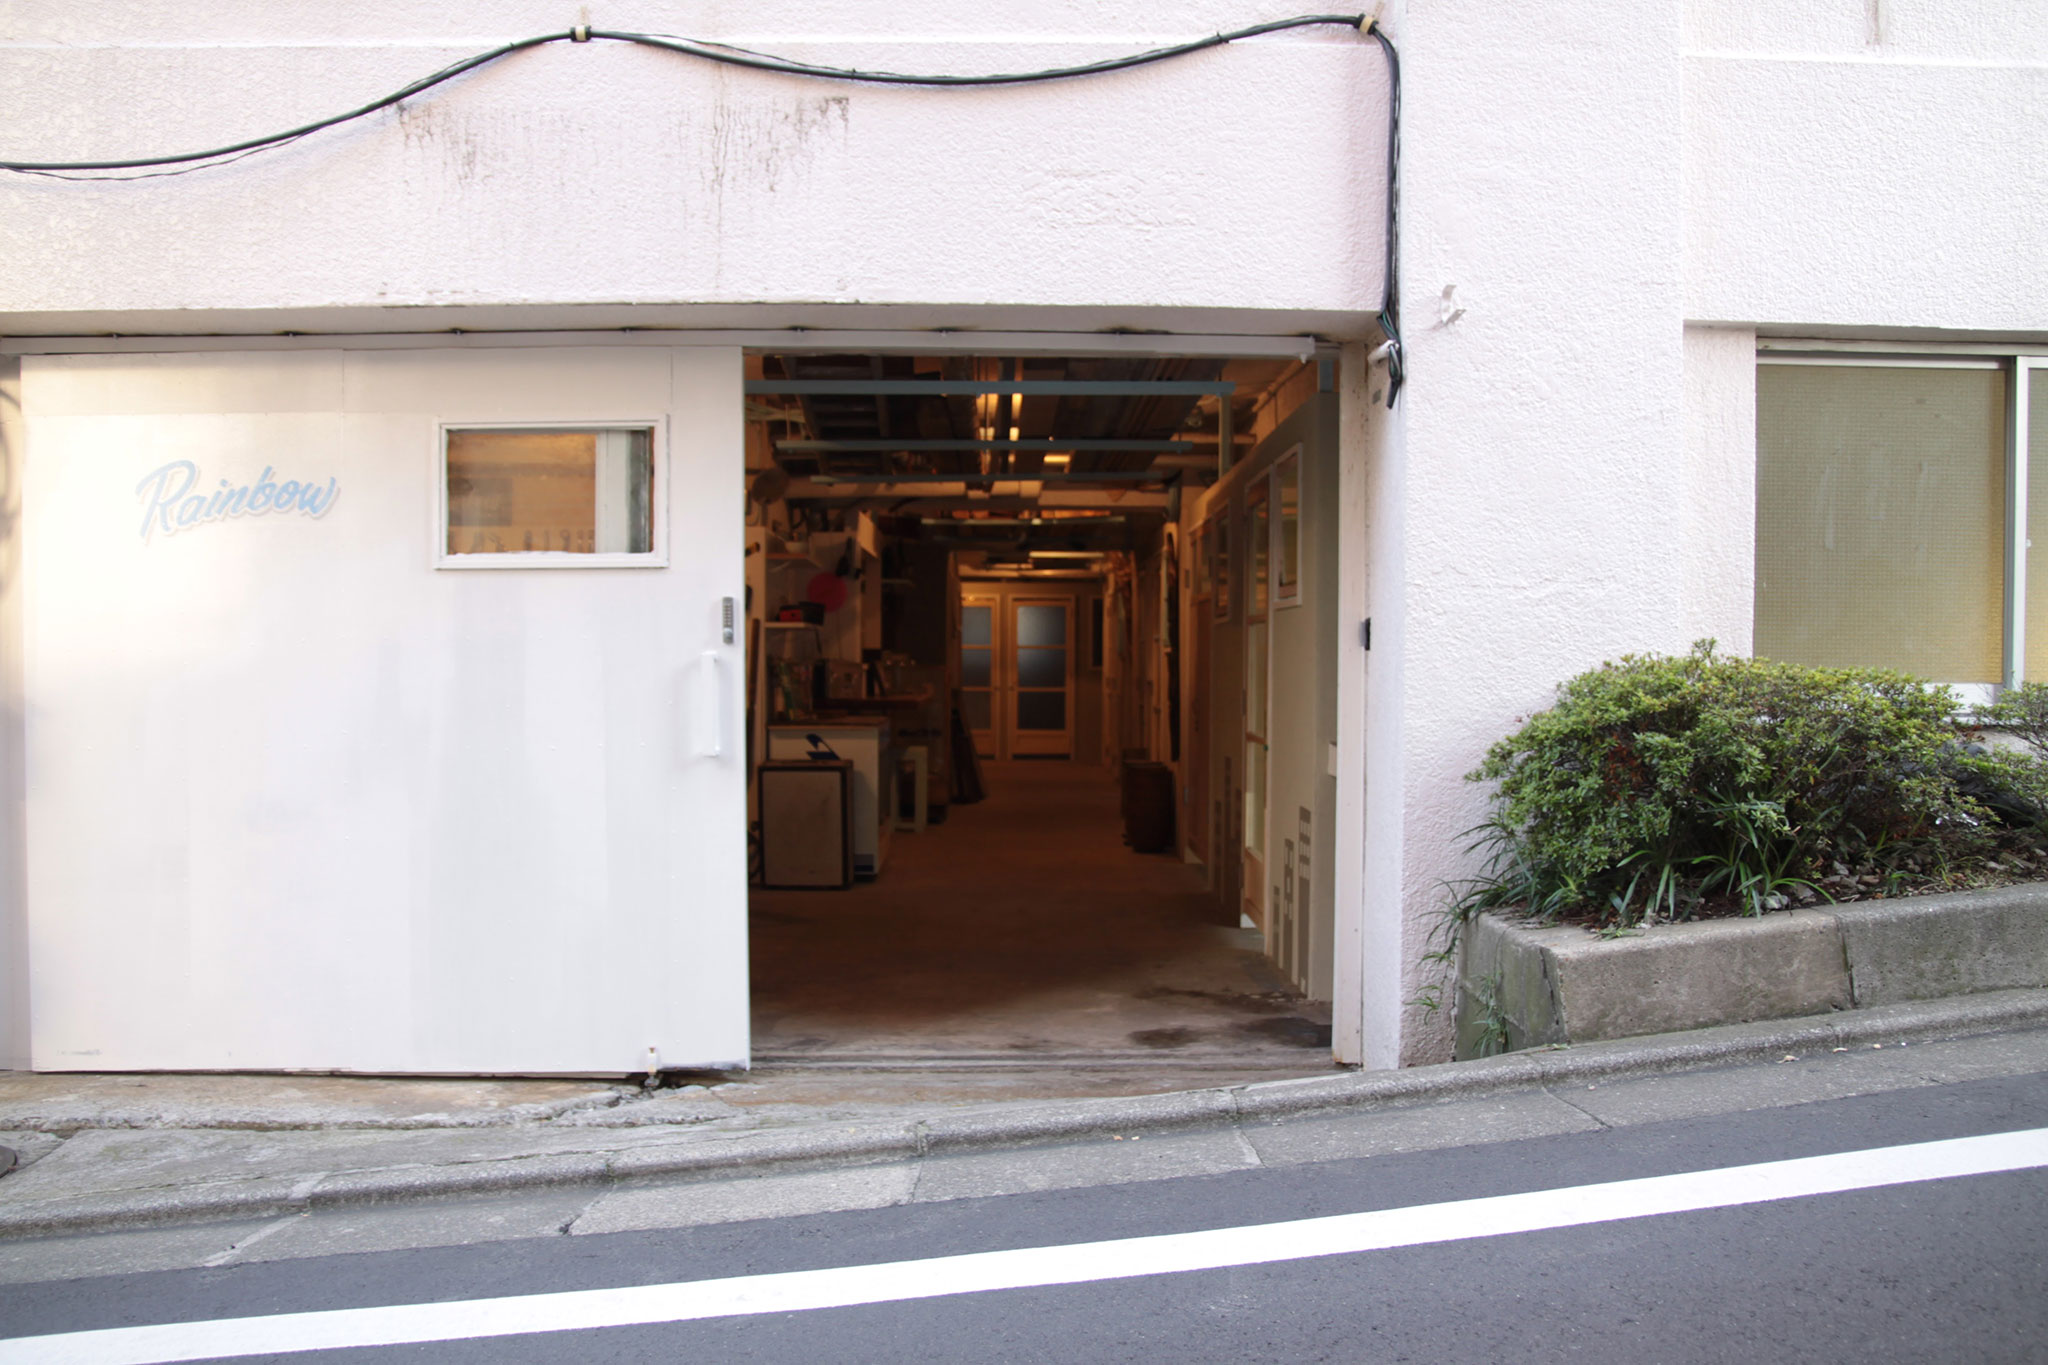 ikejiri_history_2013_IMG_1614-21-23-12-202-(1)